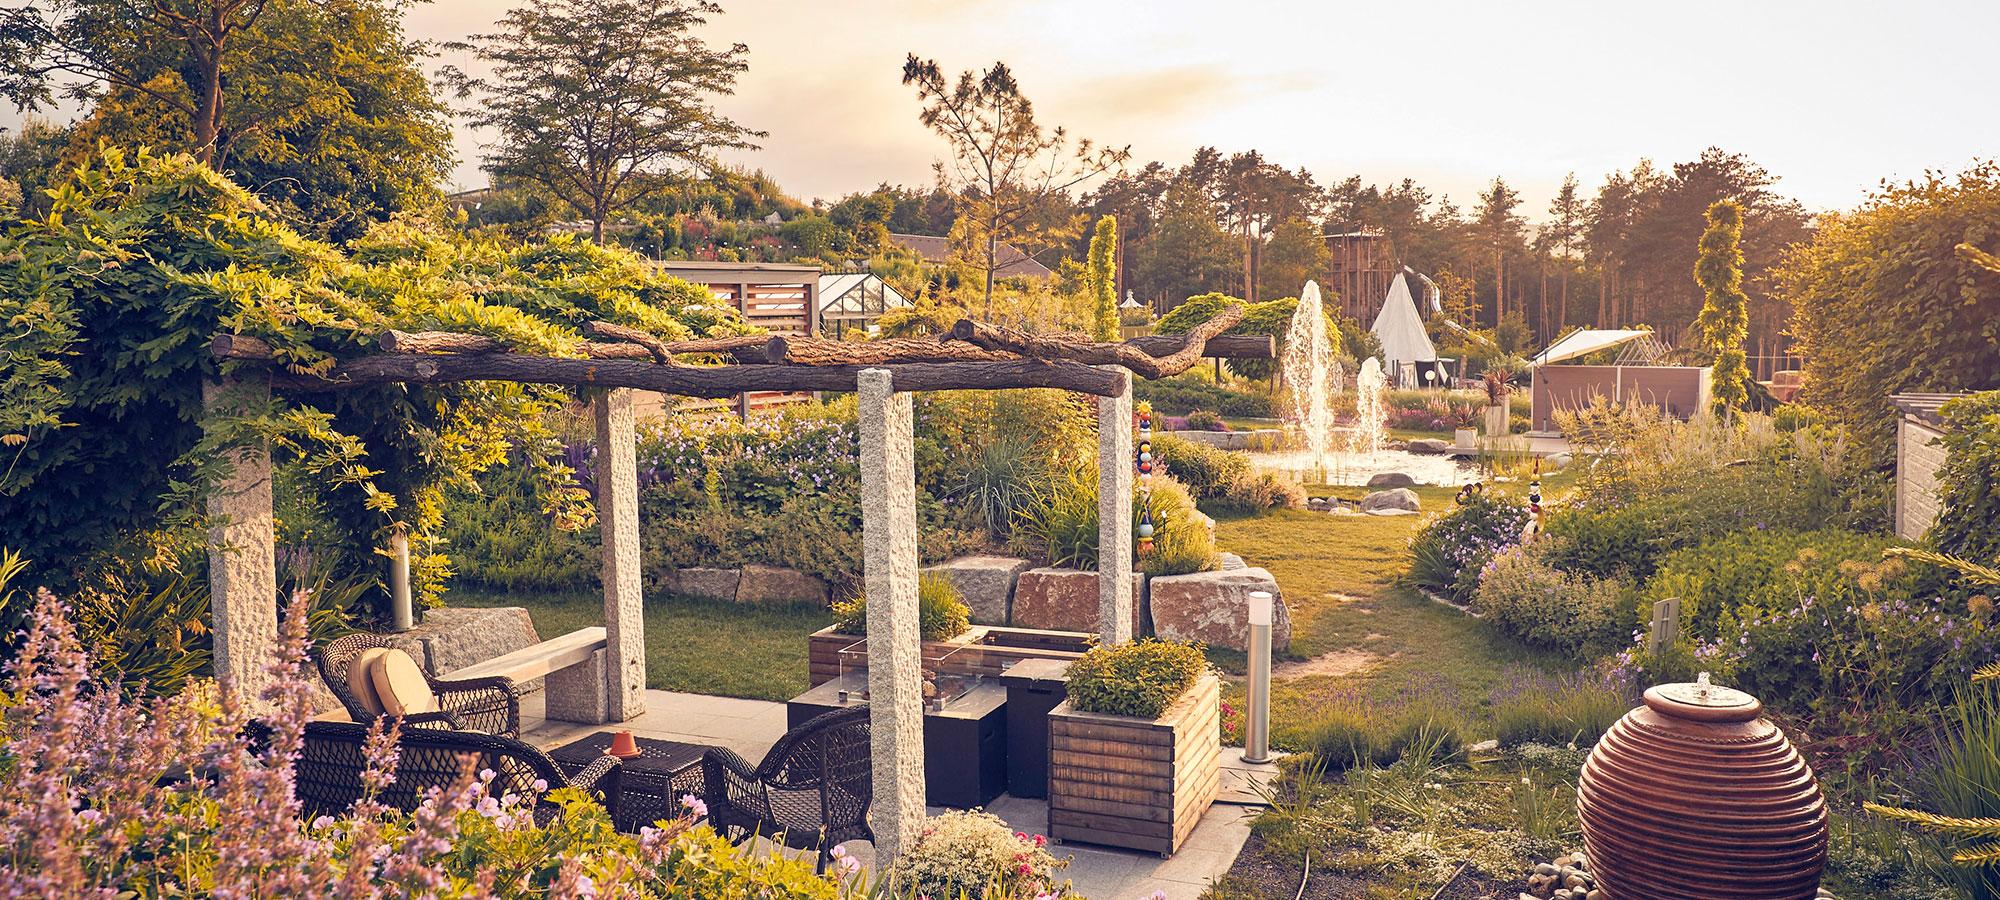 Einblick in die Kittenberger Erlebnisgärten